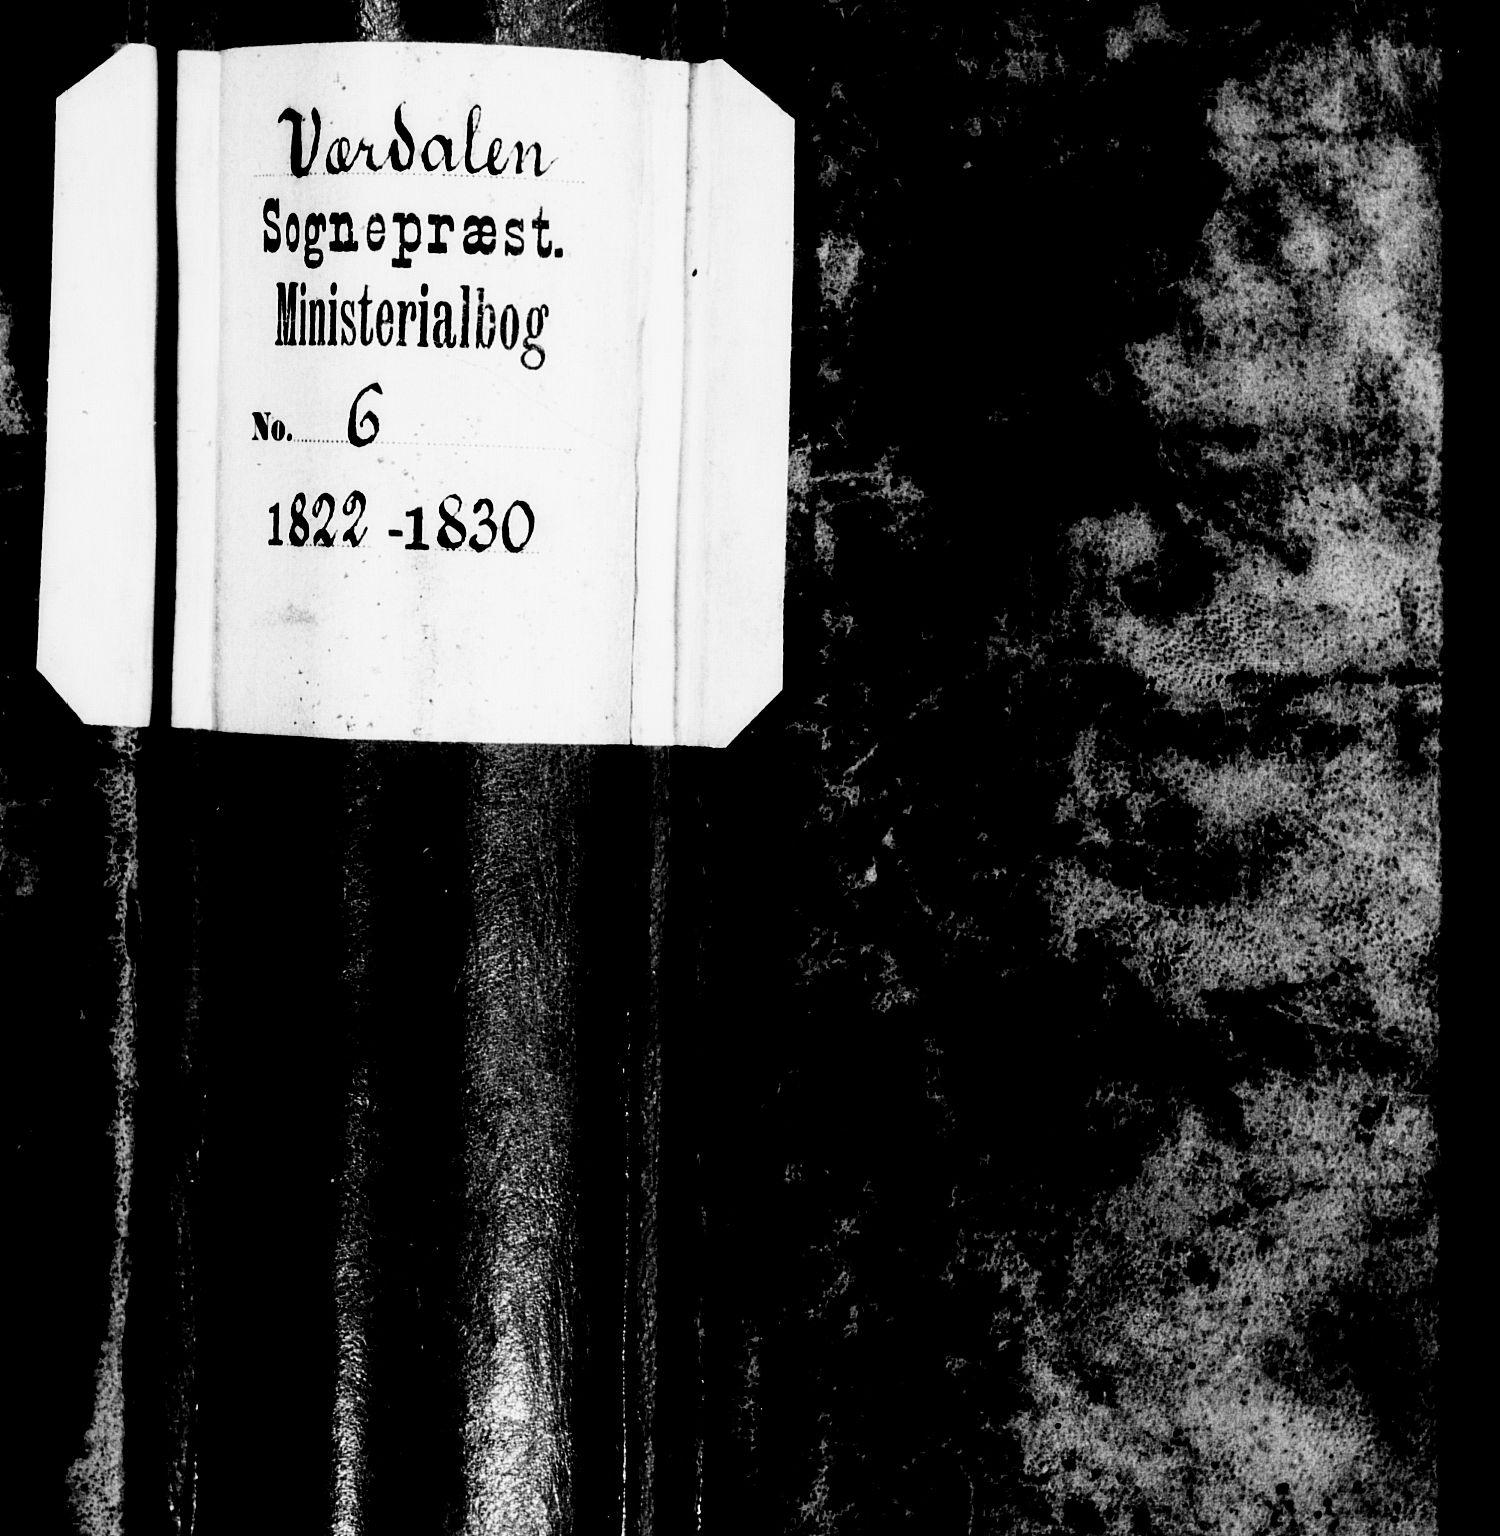 SAT, Ministerialprotokoller, klokkerbøker og fødselsregistre - Nord-Trøndelag, 723/L0237: Ministerialbok nr. 723A06, 1822-1830